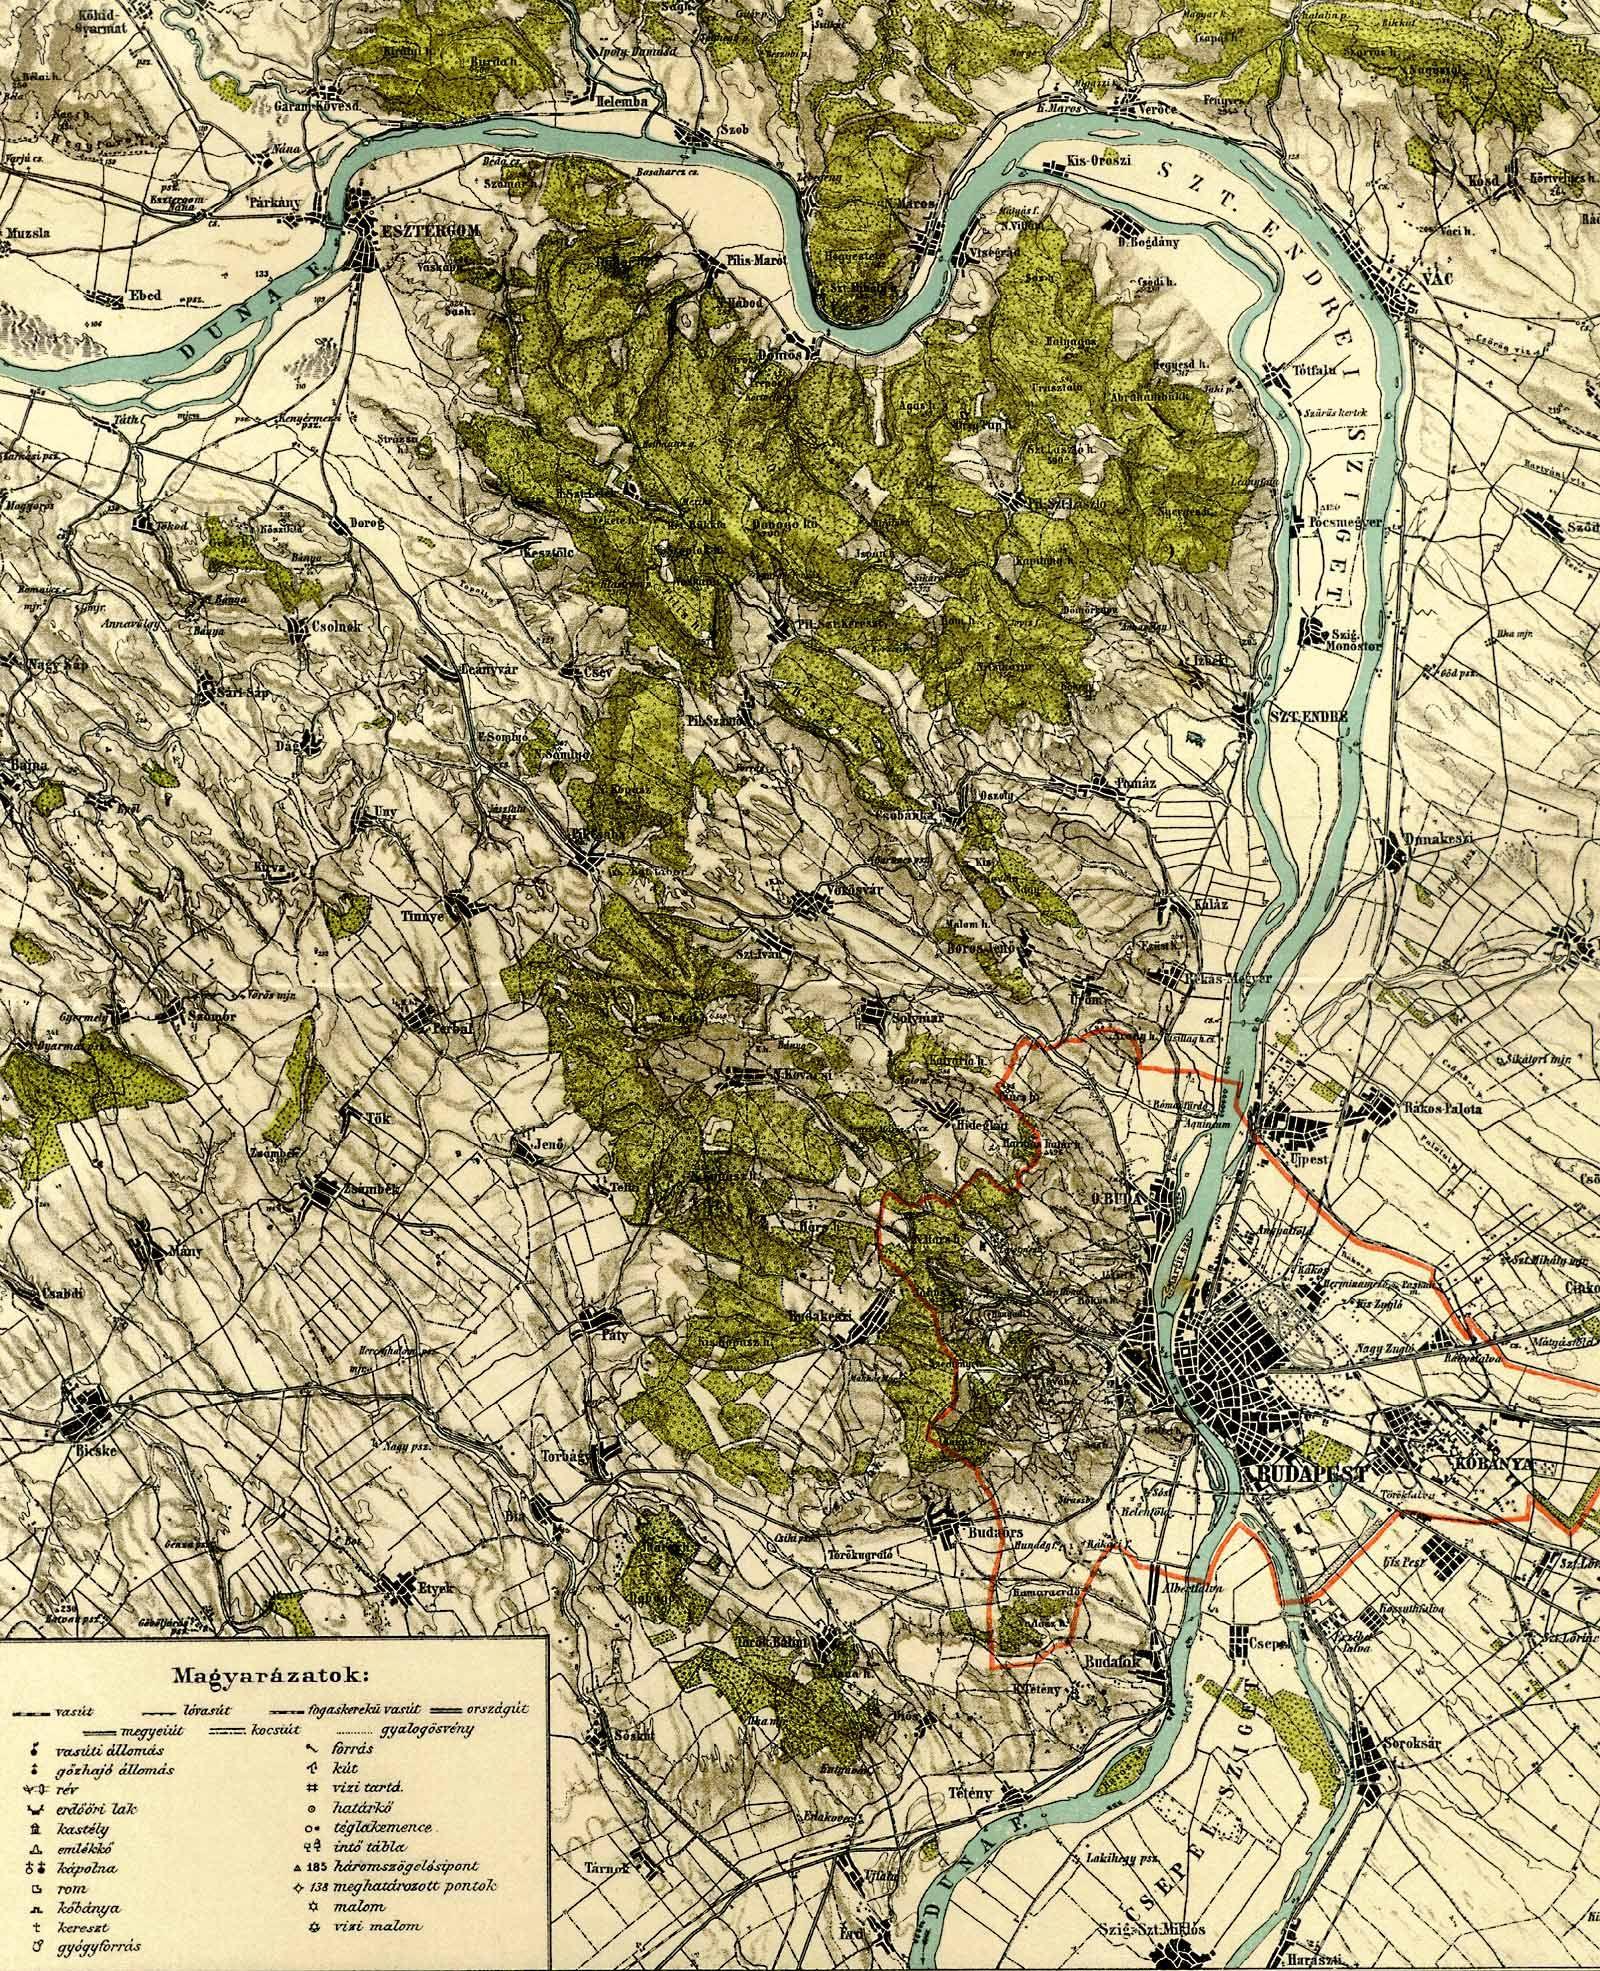 pilis domborzati térkép A Pallas nagy lexikona pilis domborzati térkép